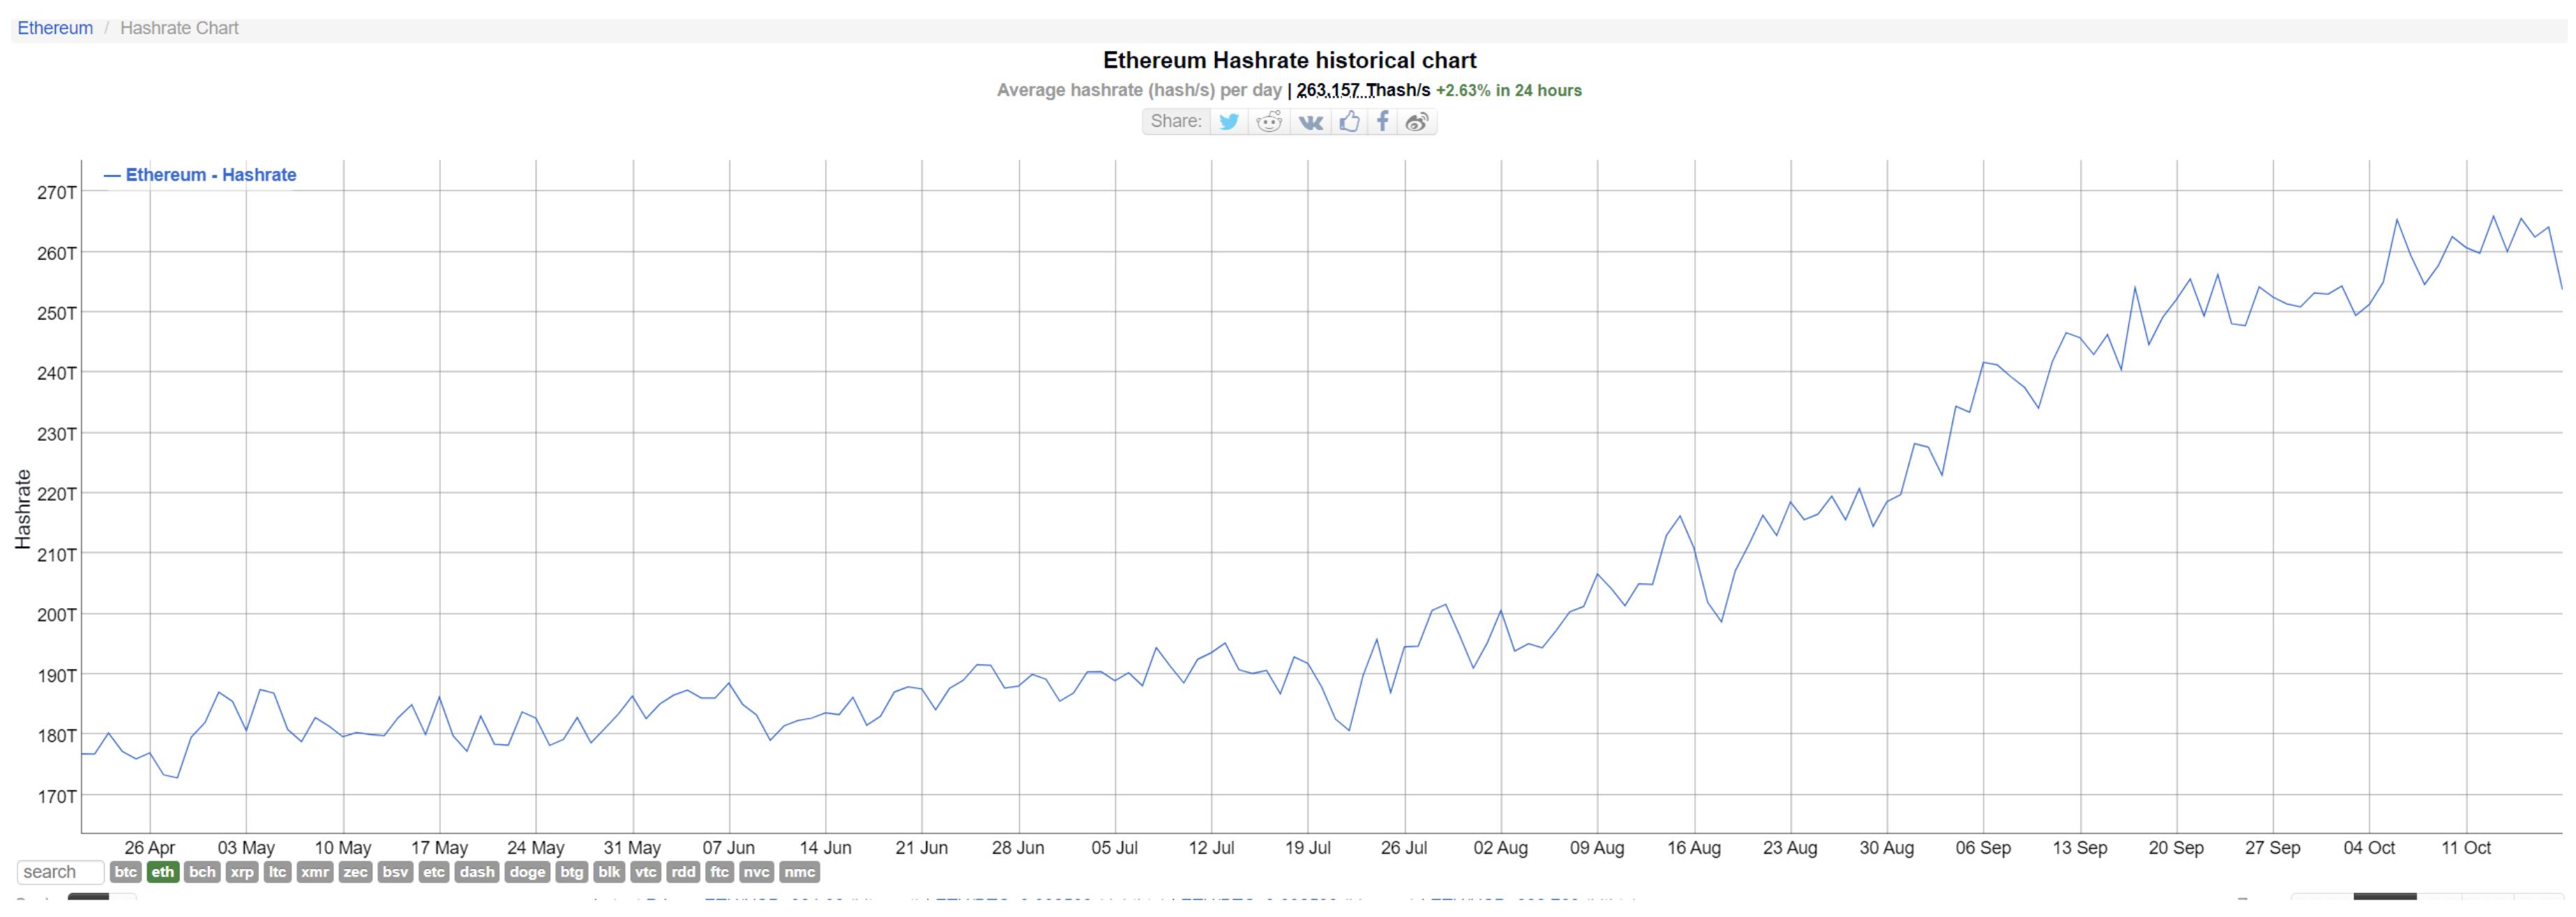 Средний размер комиссии за транзакцию в Эфириуме упал до минимума с середины июля